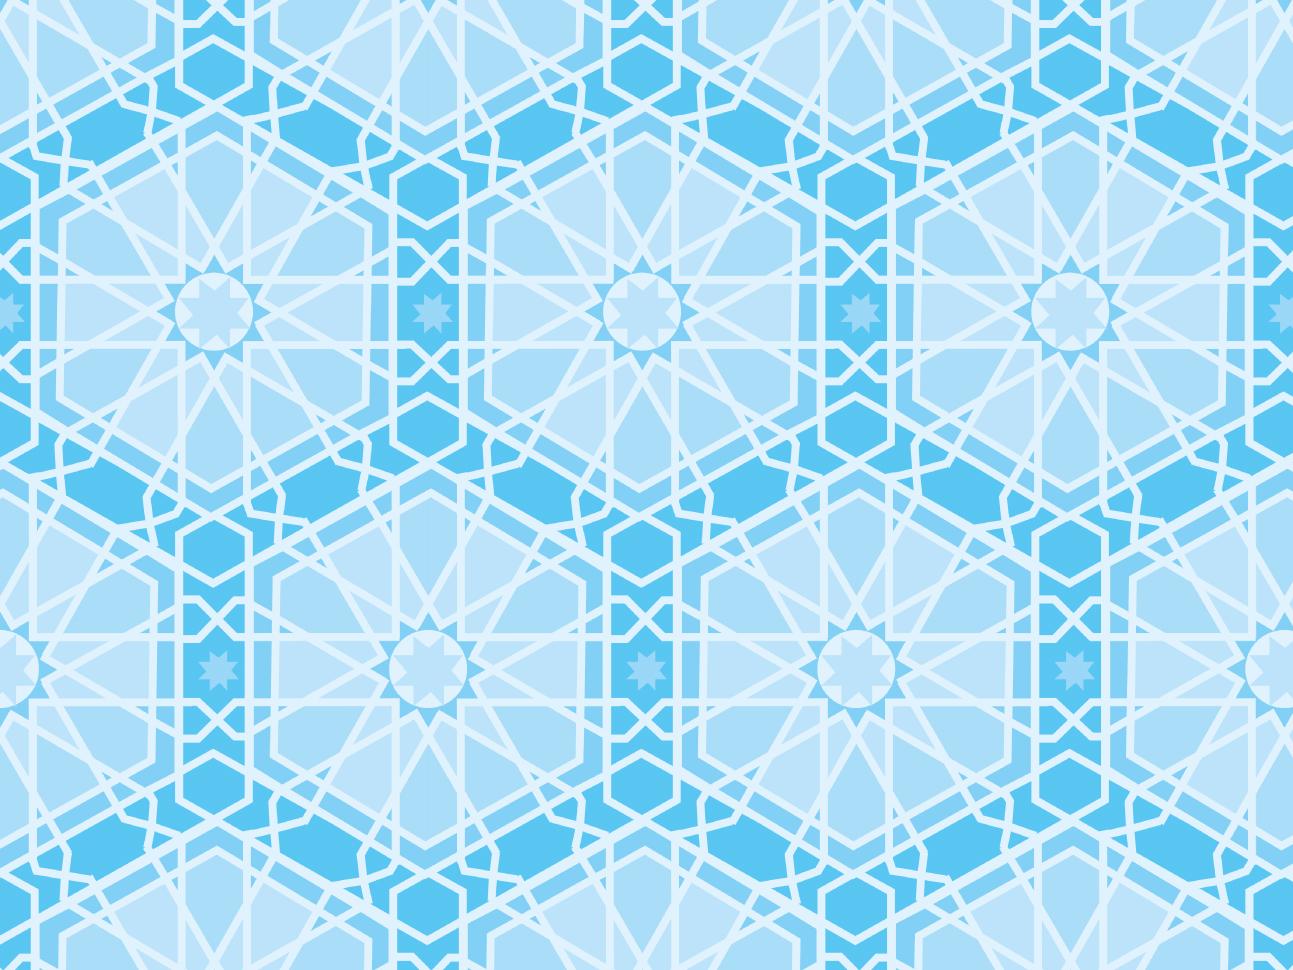 martin_zech_design_projekt_design_demokratie-braucht-frauen_broschuere_kacheln